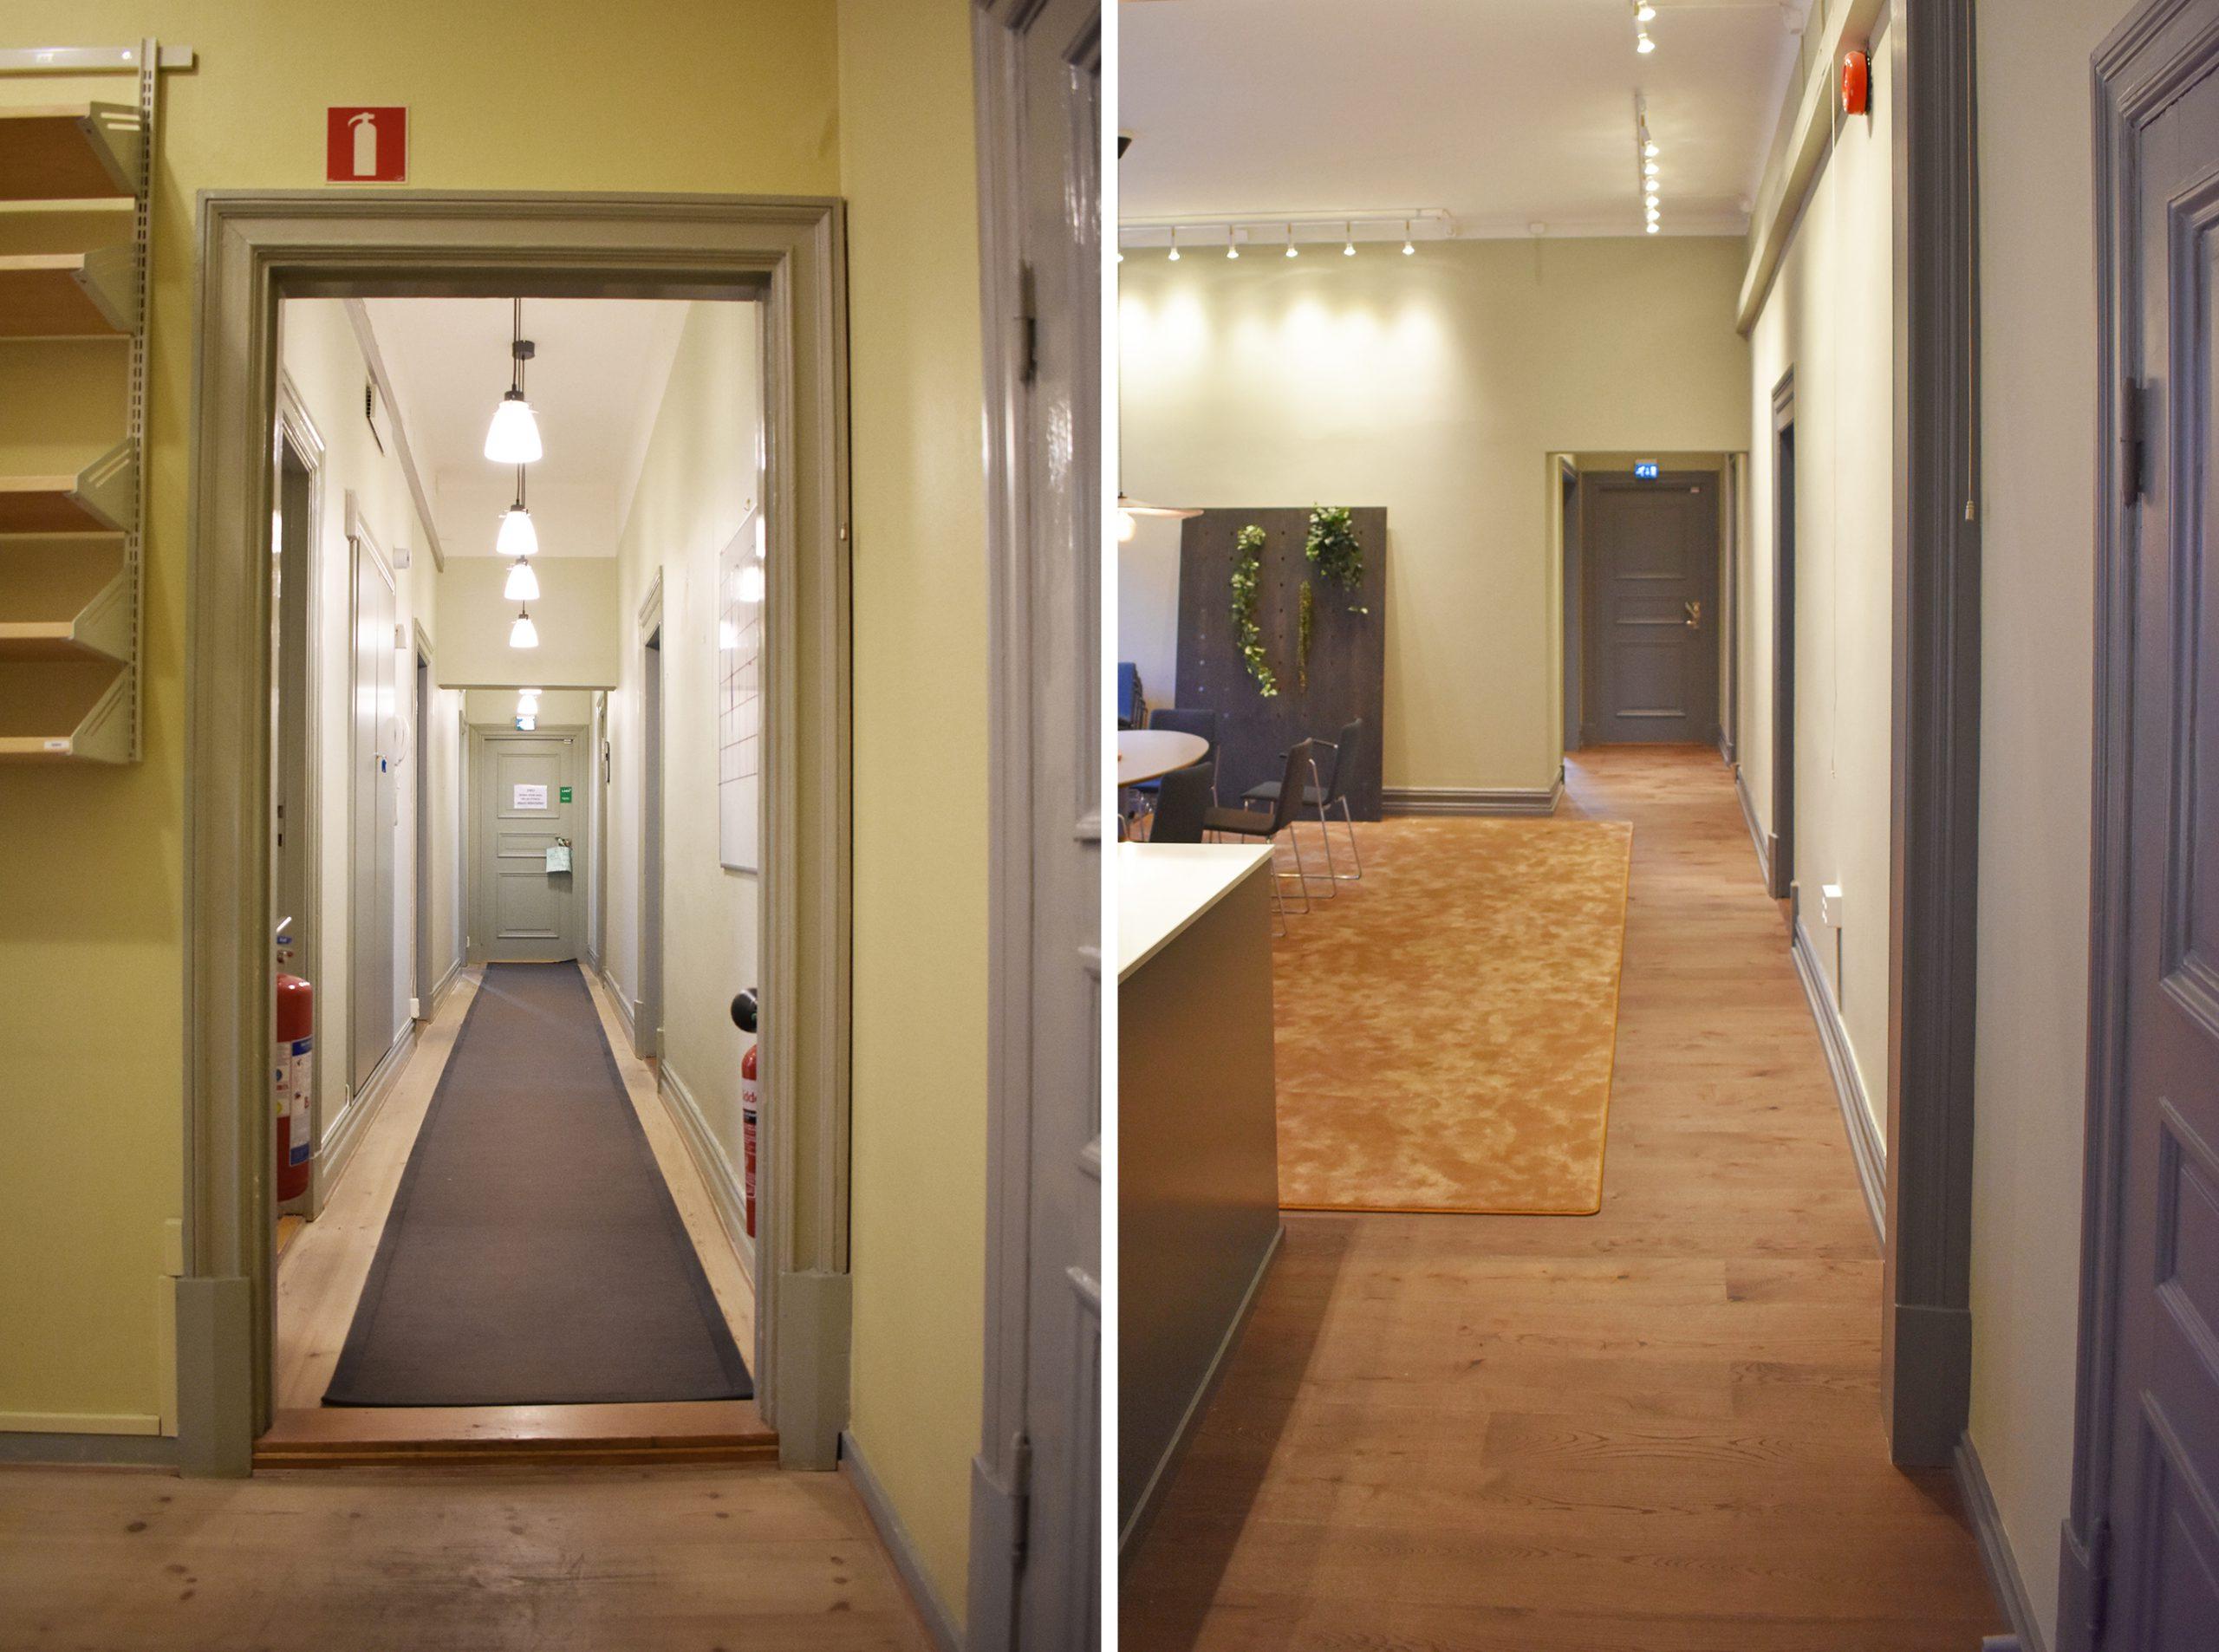 Före- och efterbild. Till vänster syns en lång korridor. Den har försvunnit på bilden till höger.